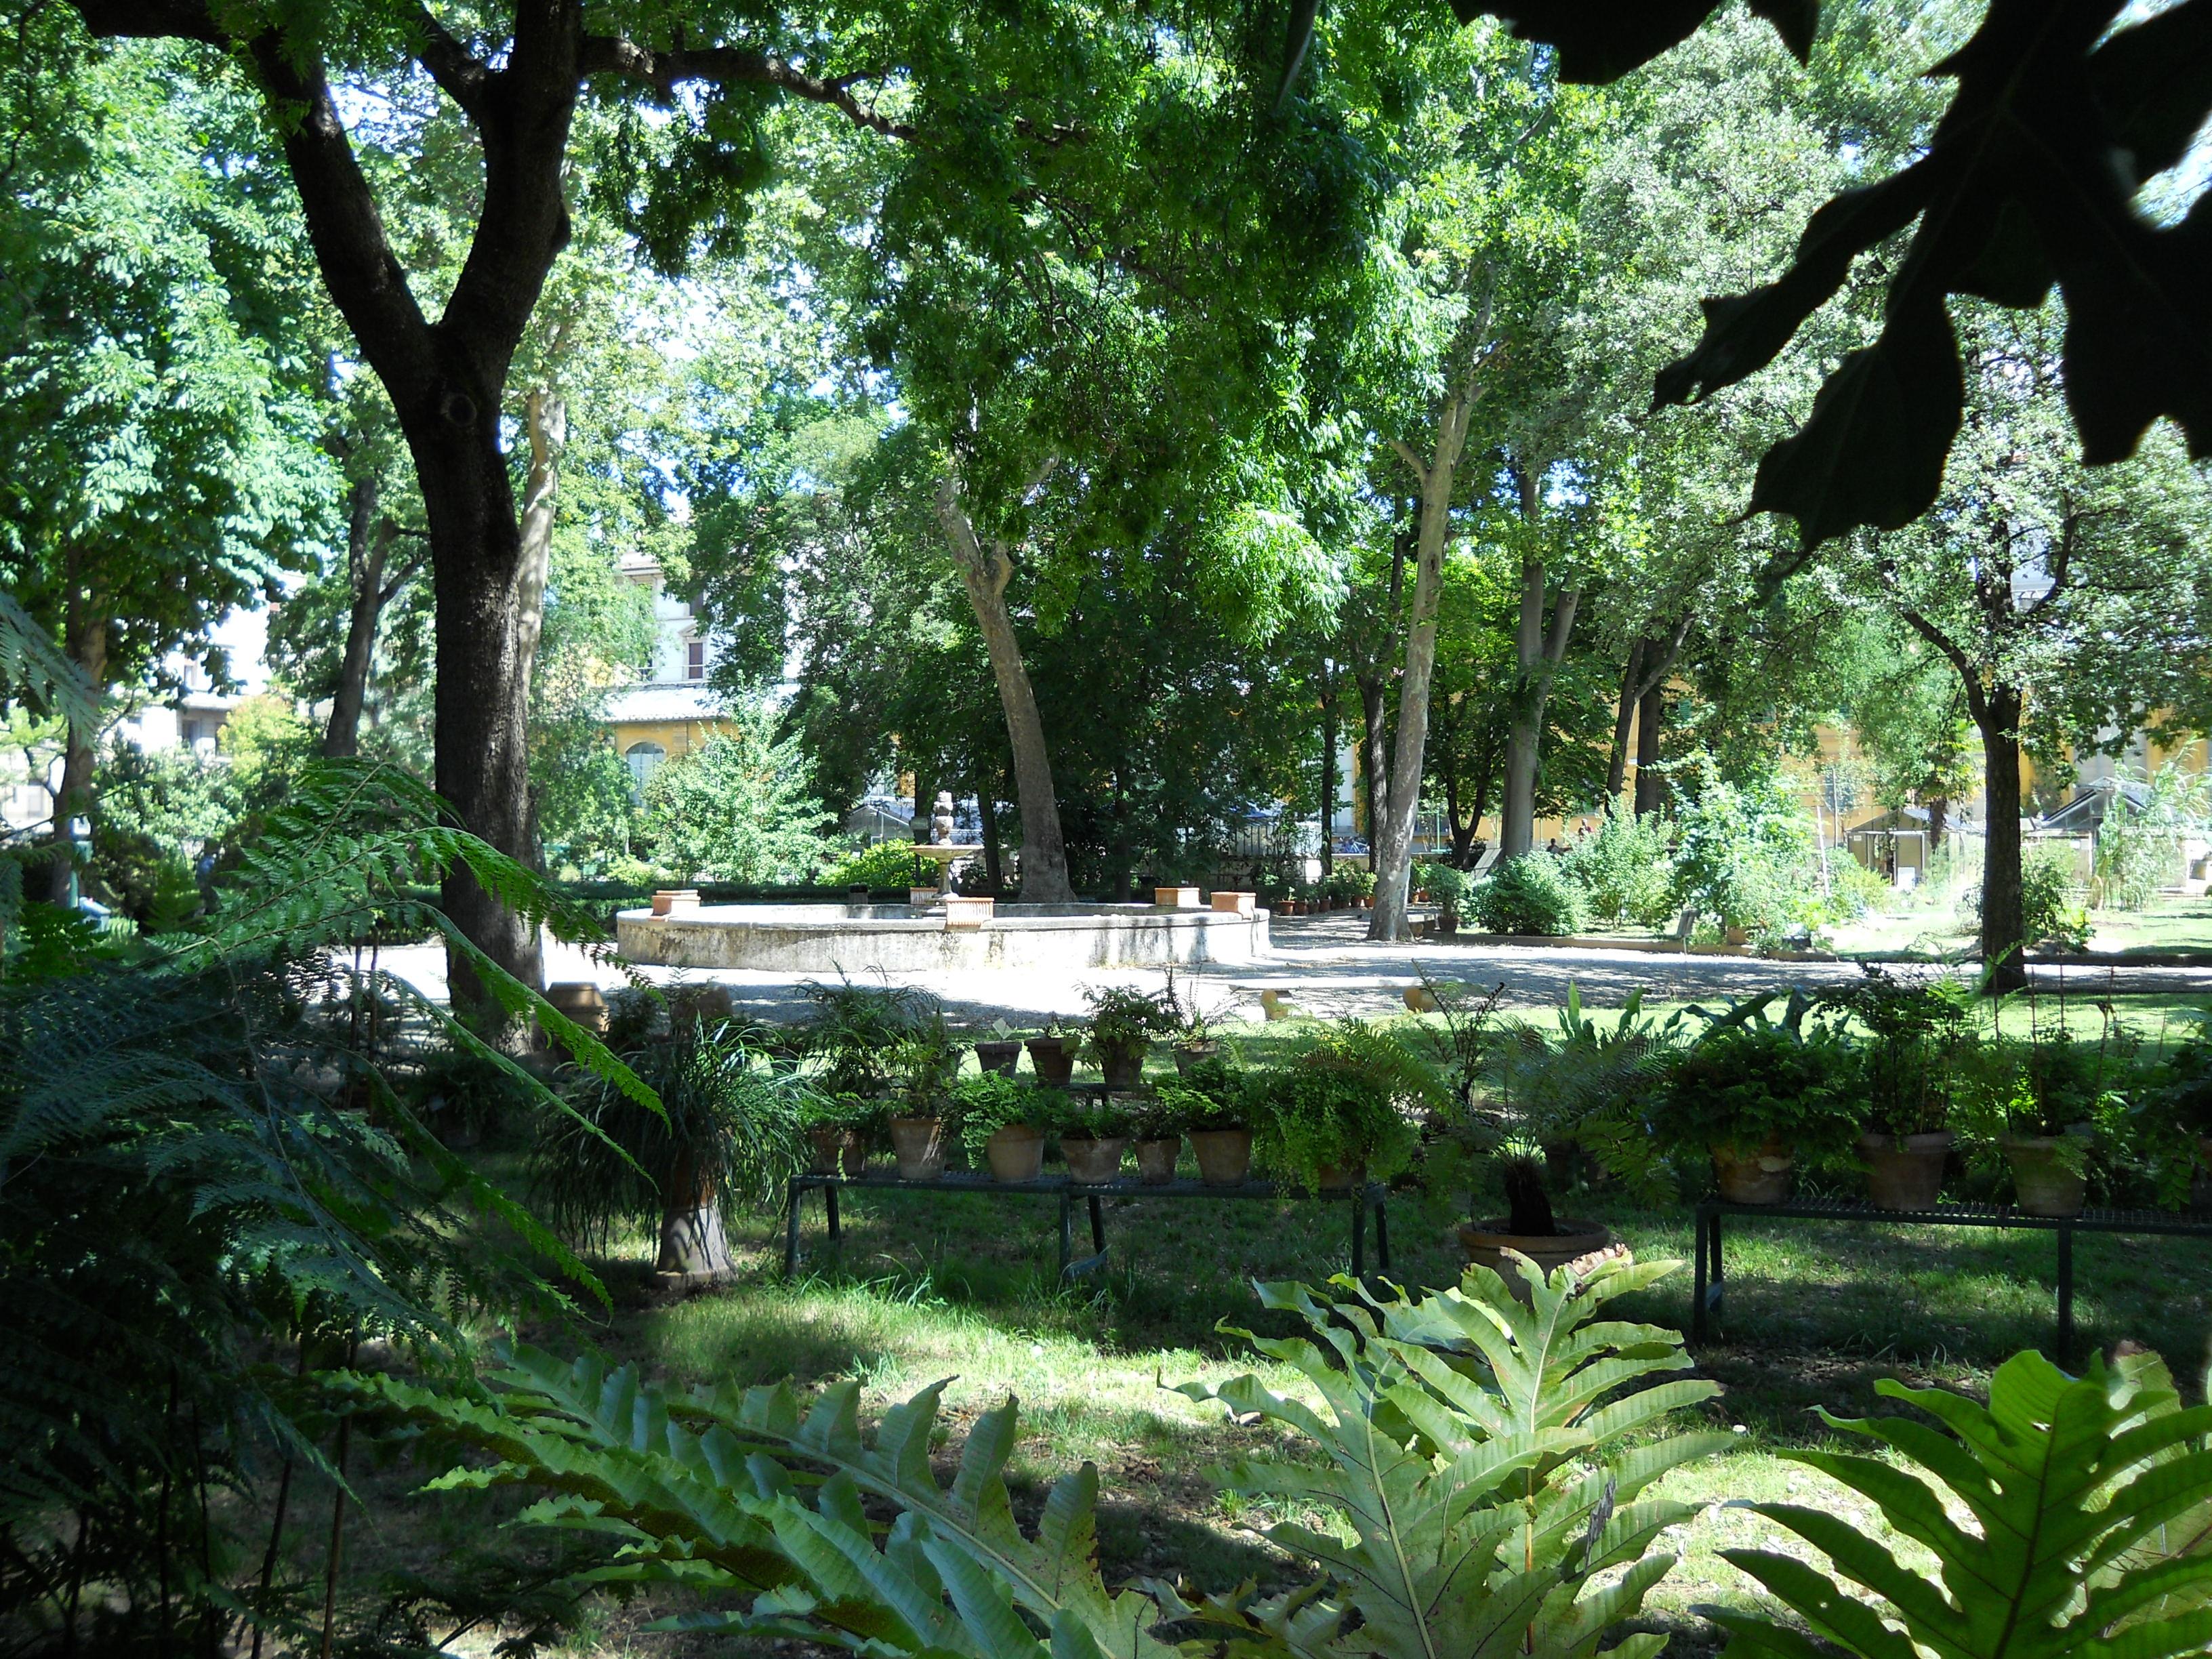 I giardini di firenze e altre curiosità il miraggio di